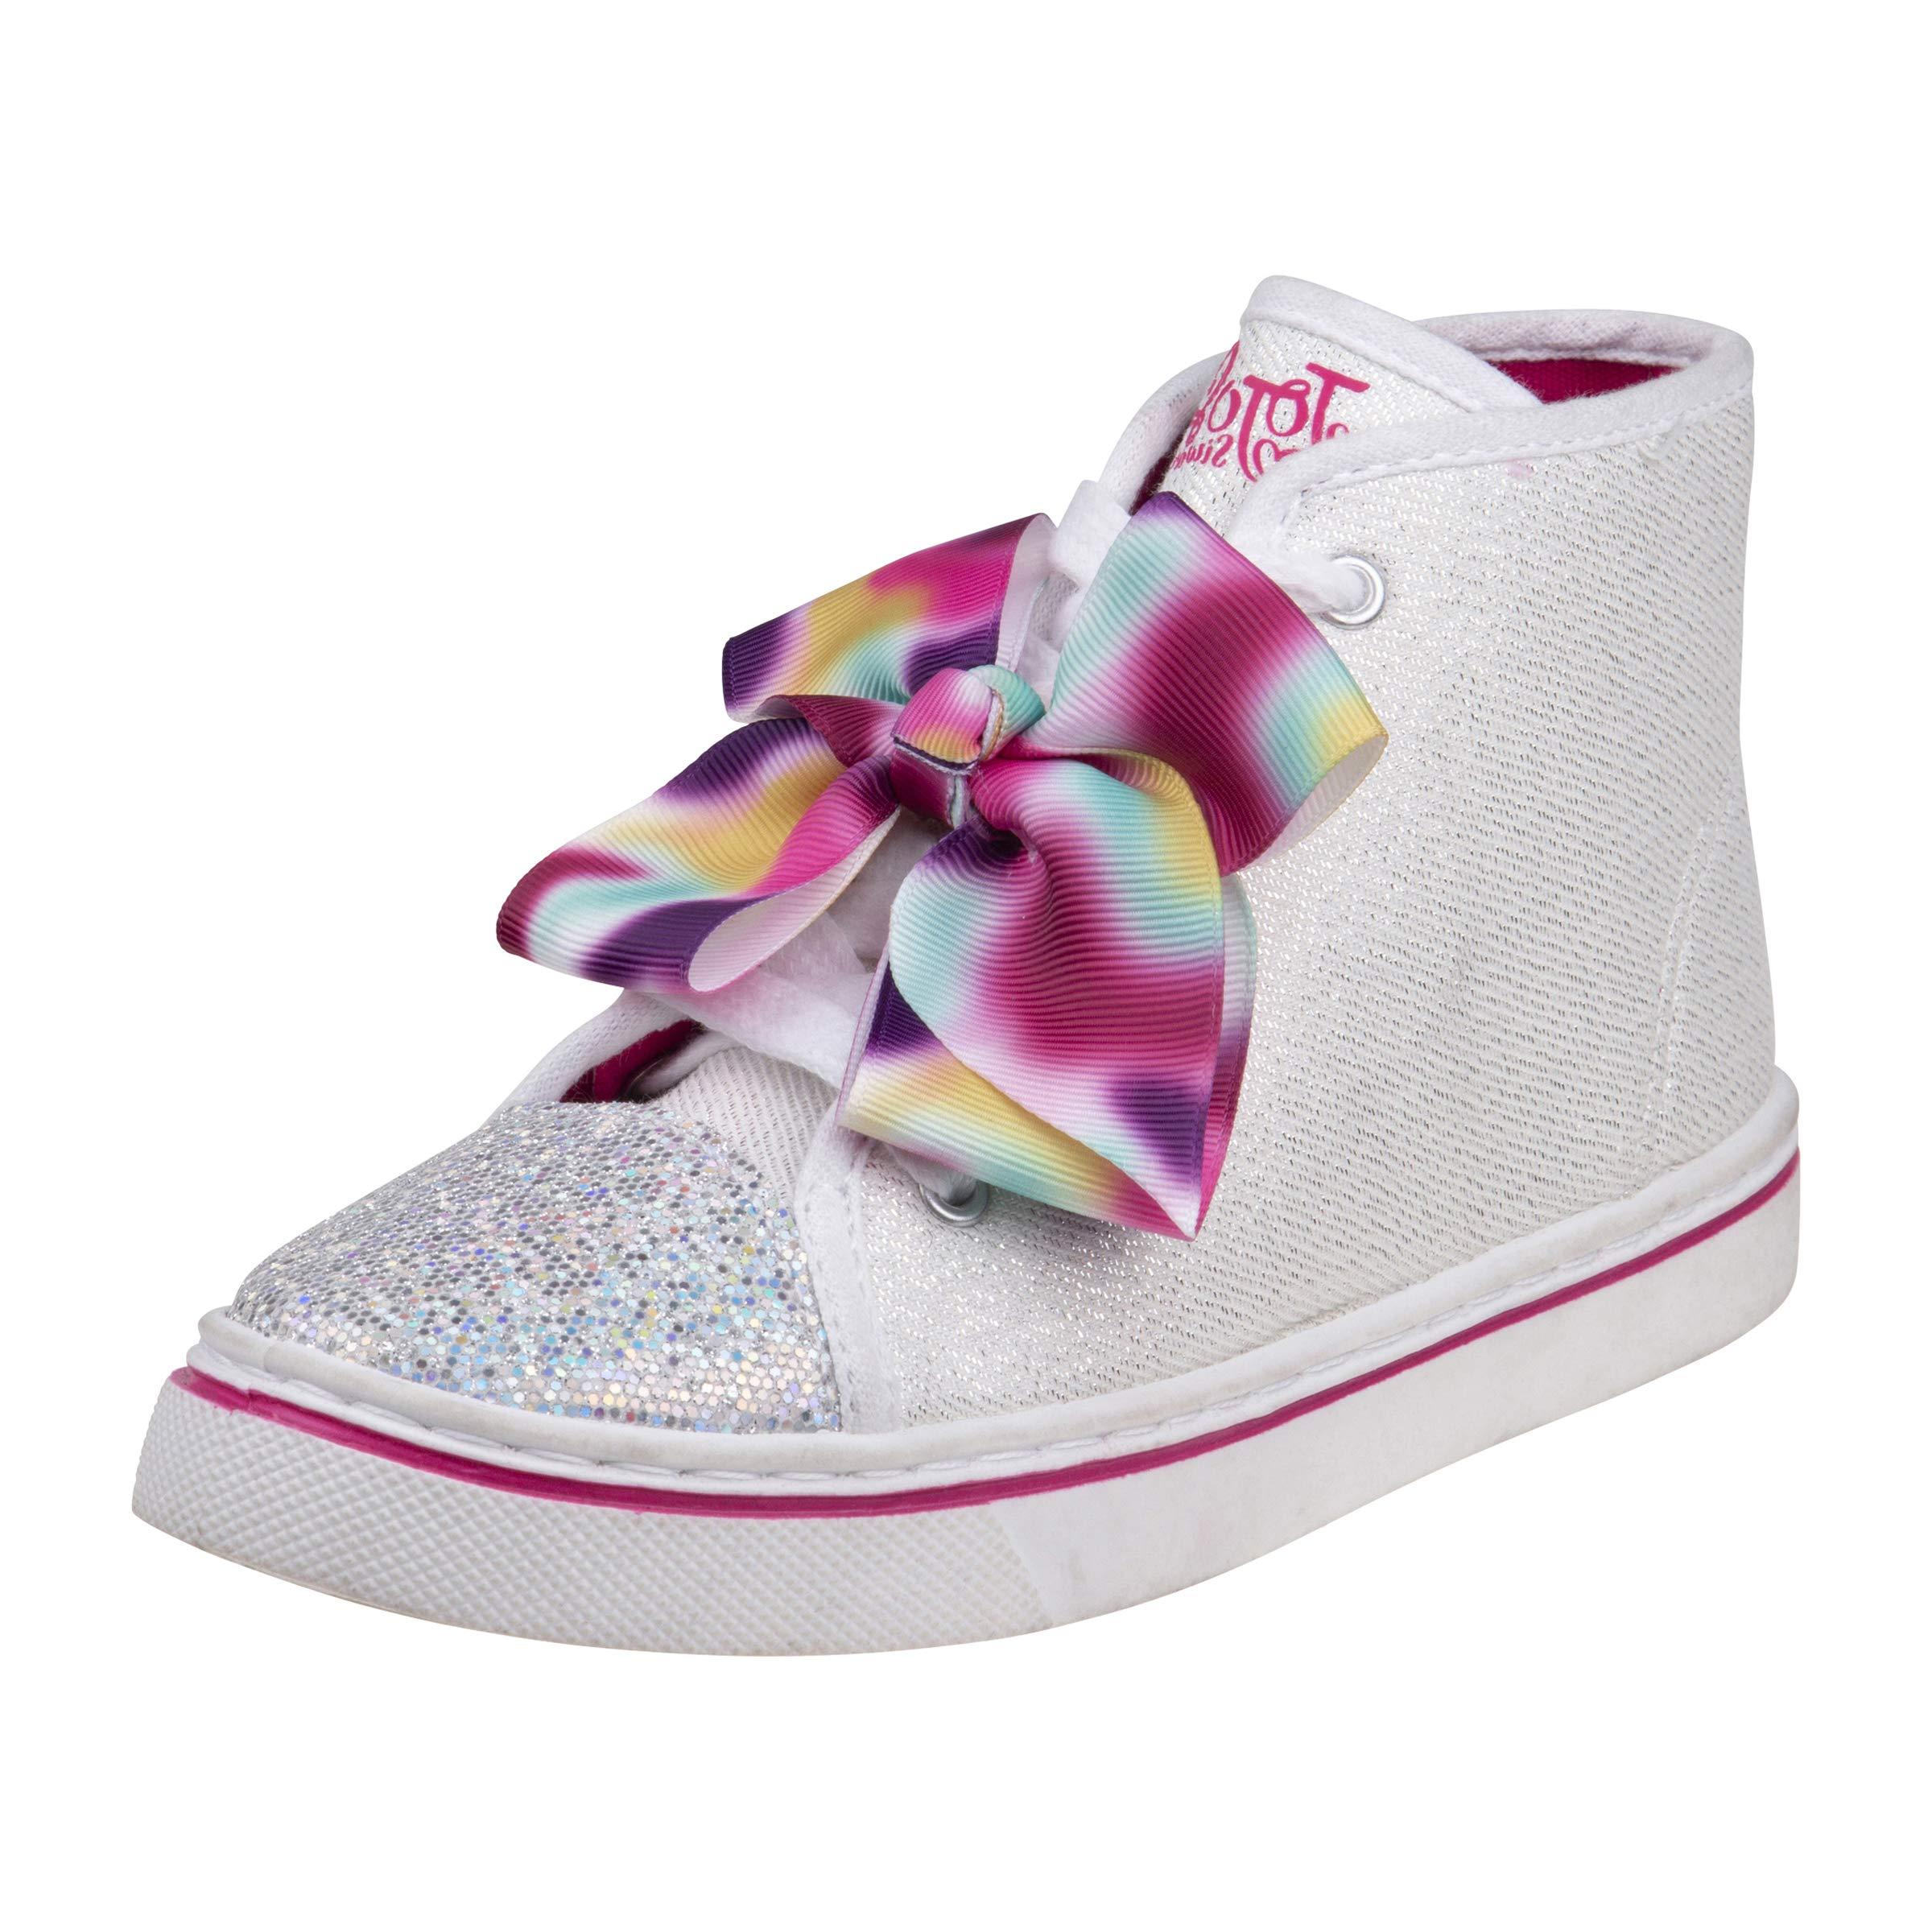 jojo siwa high top shoes